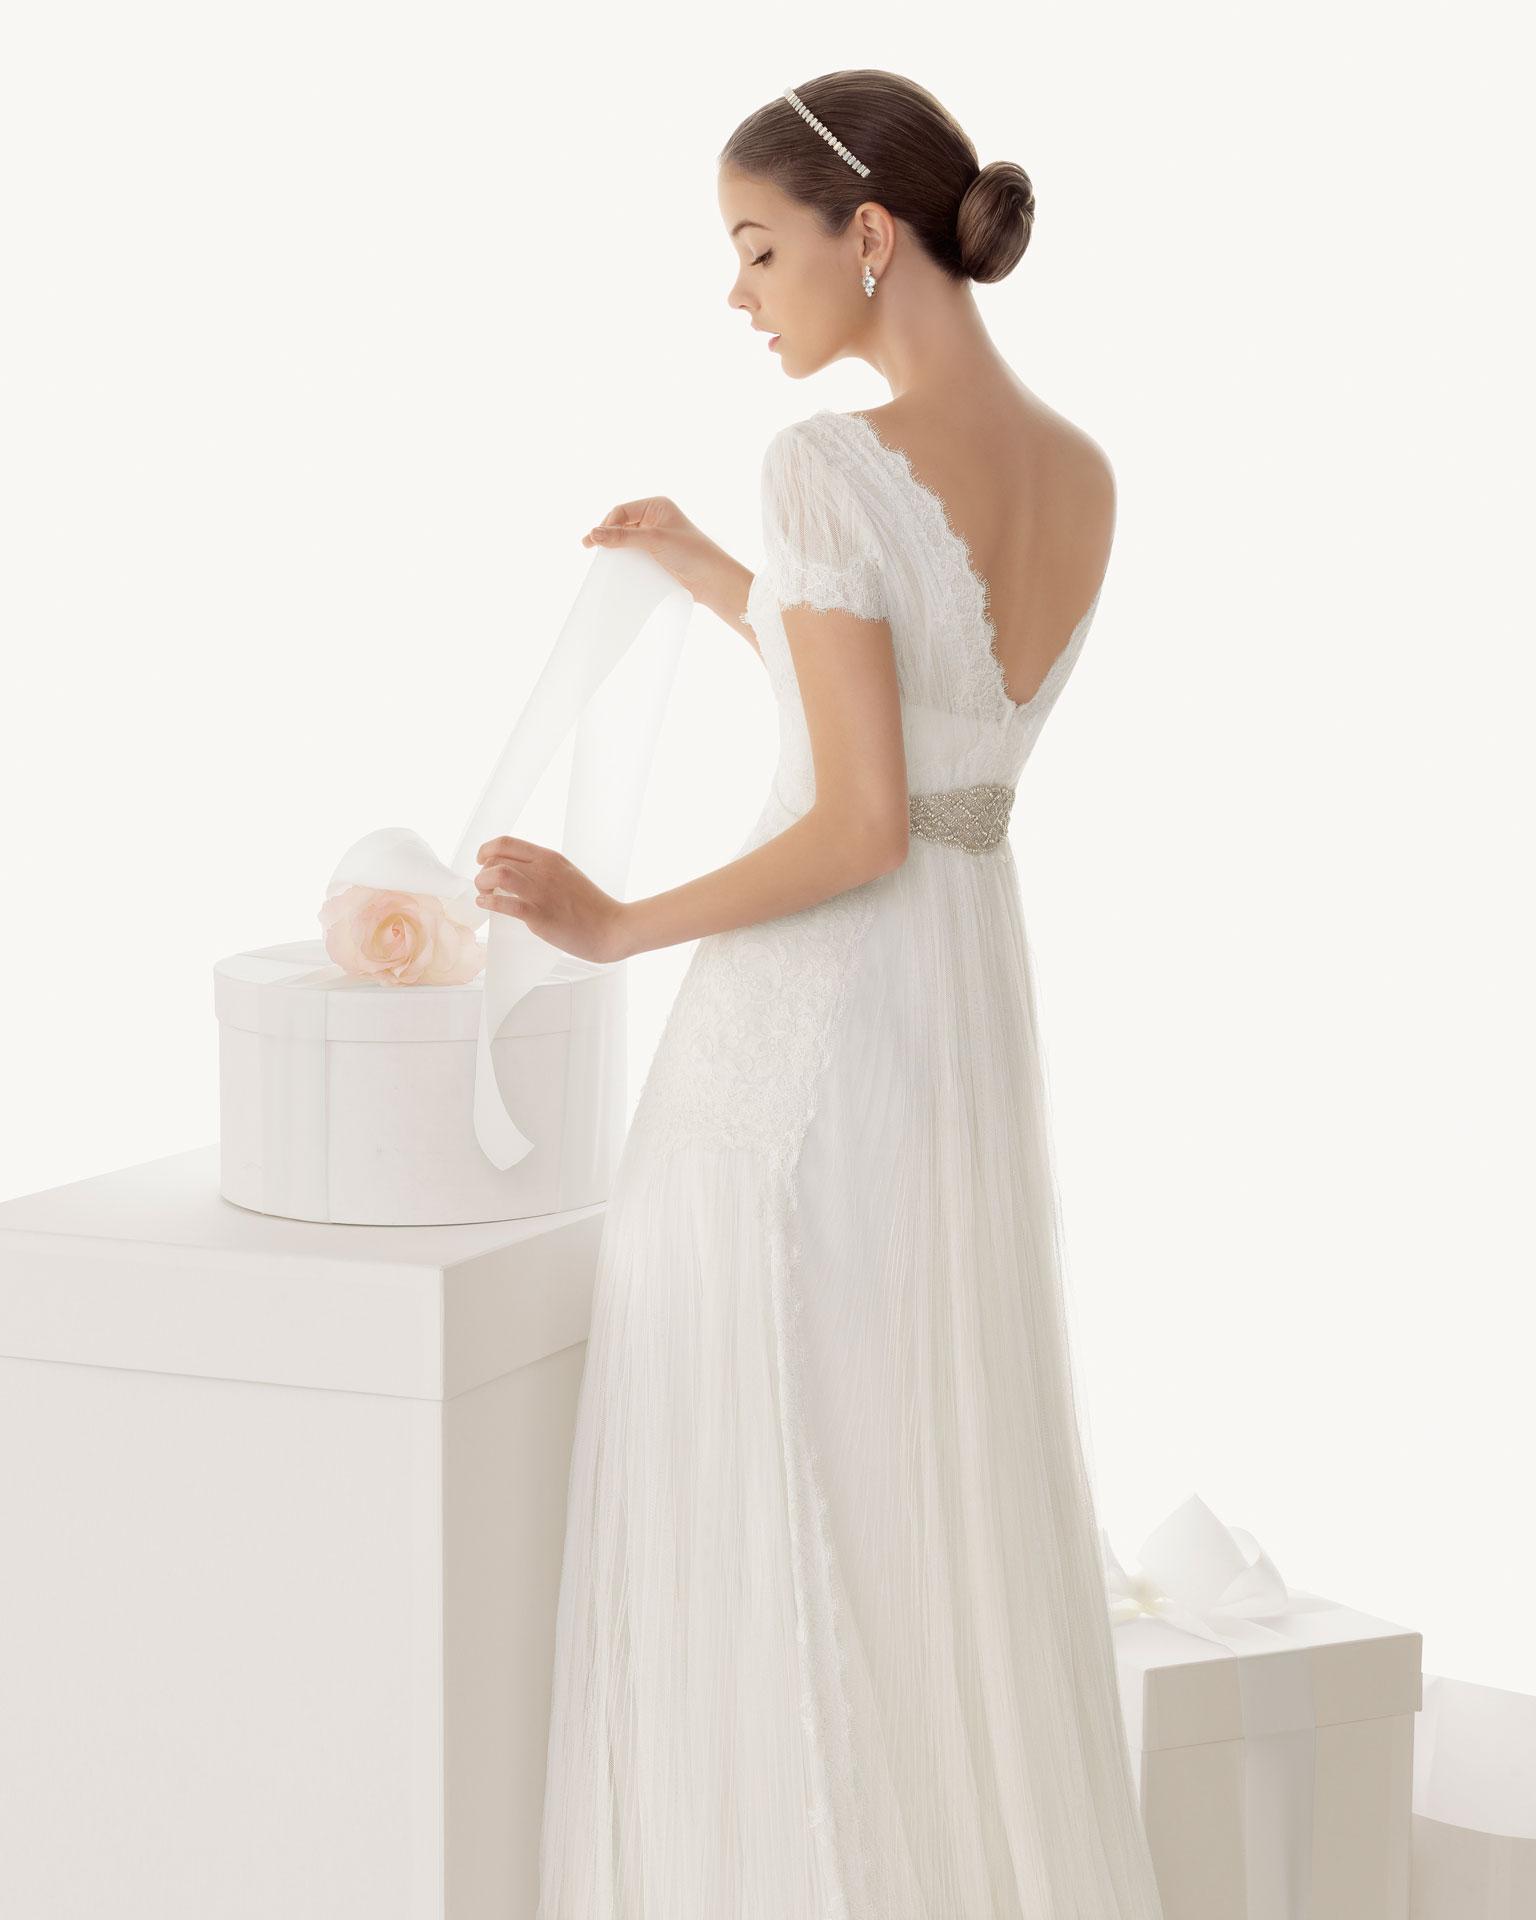 Quand une indécise cherche sa robe… seconde étape : les essayages (partie 1)